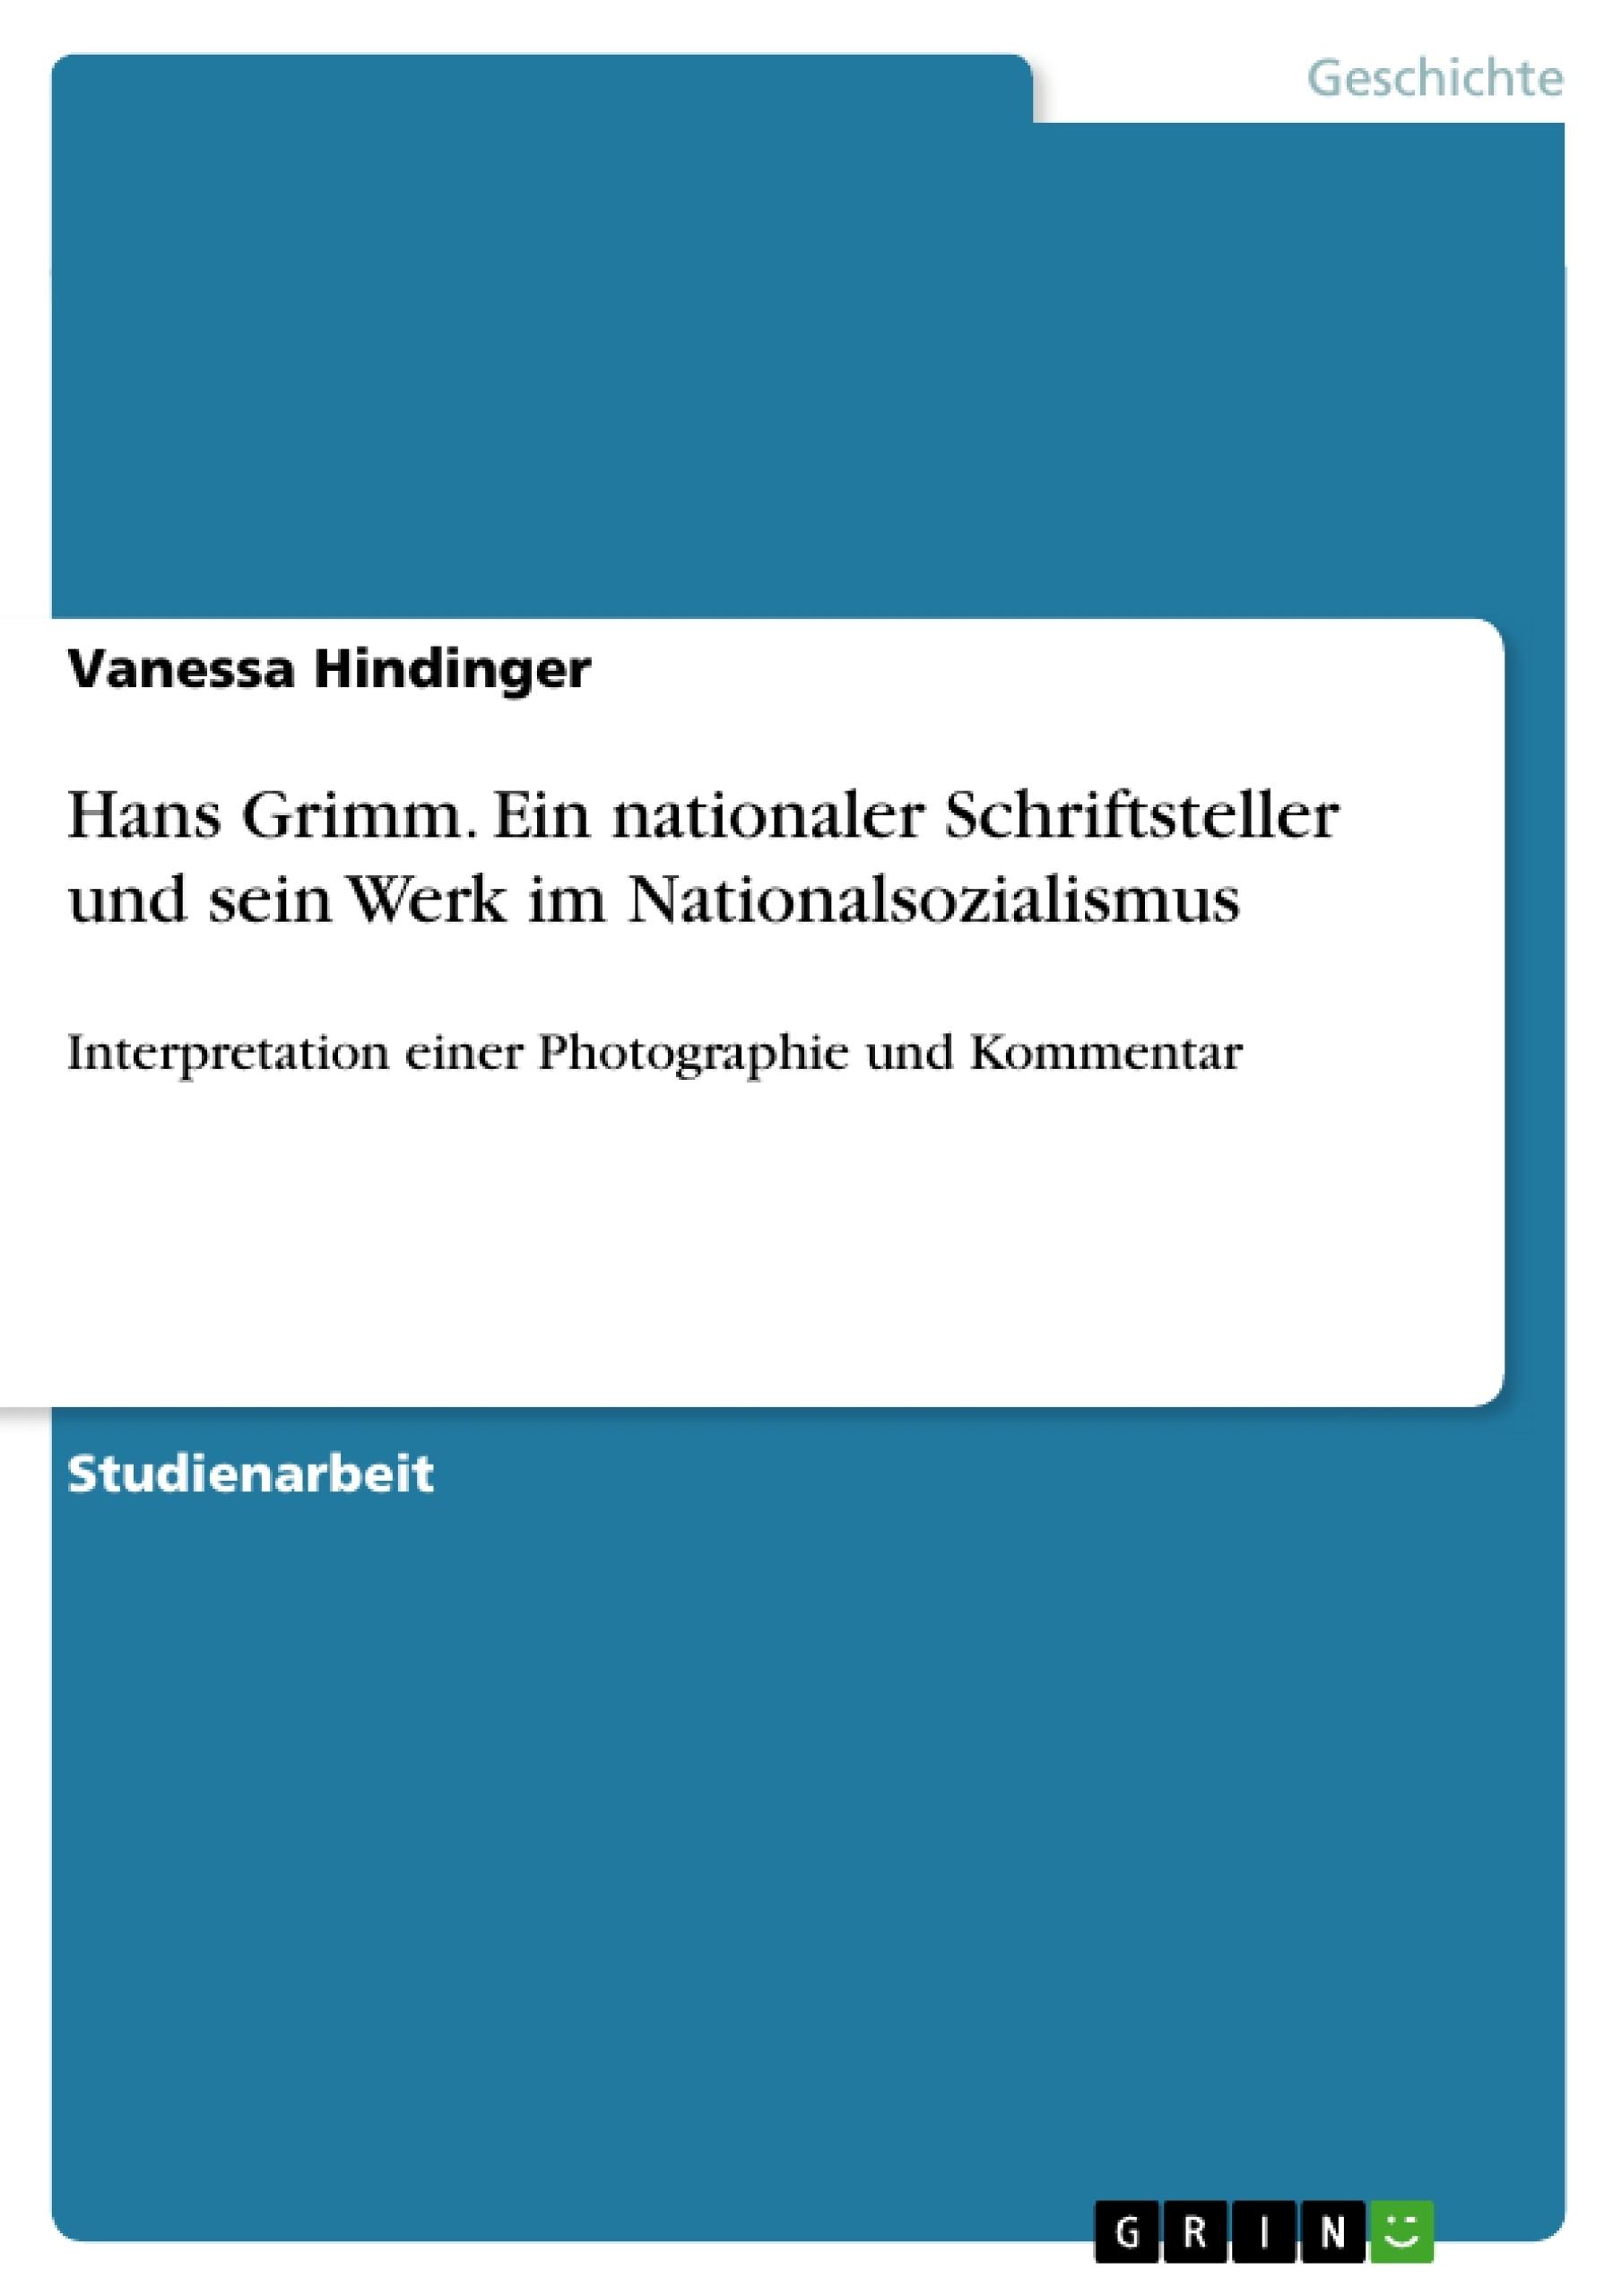 Titel: Hans Grimm. Ein nationaler Schriftsteller und sein Werk im Nationalsozialismus